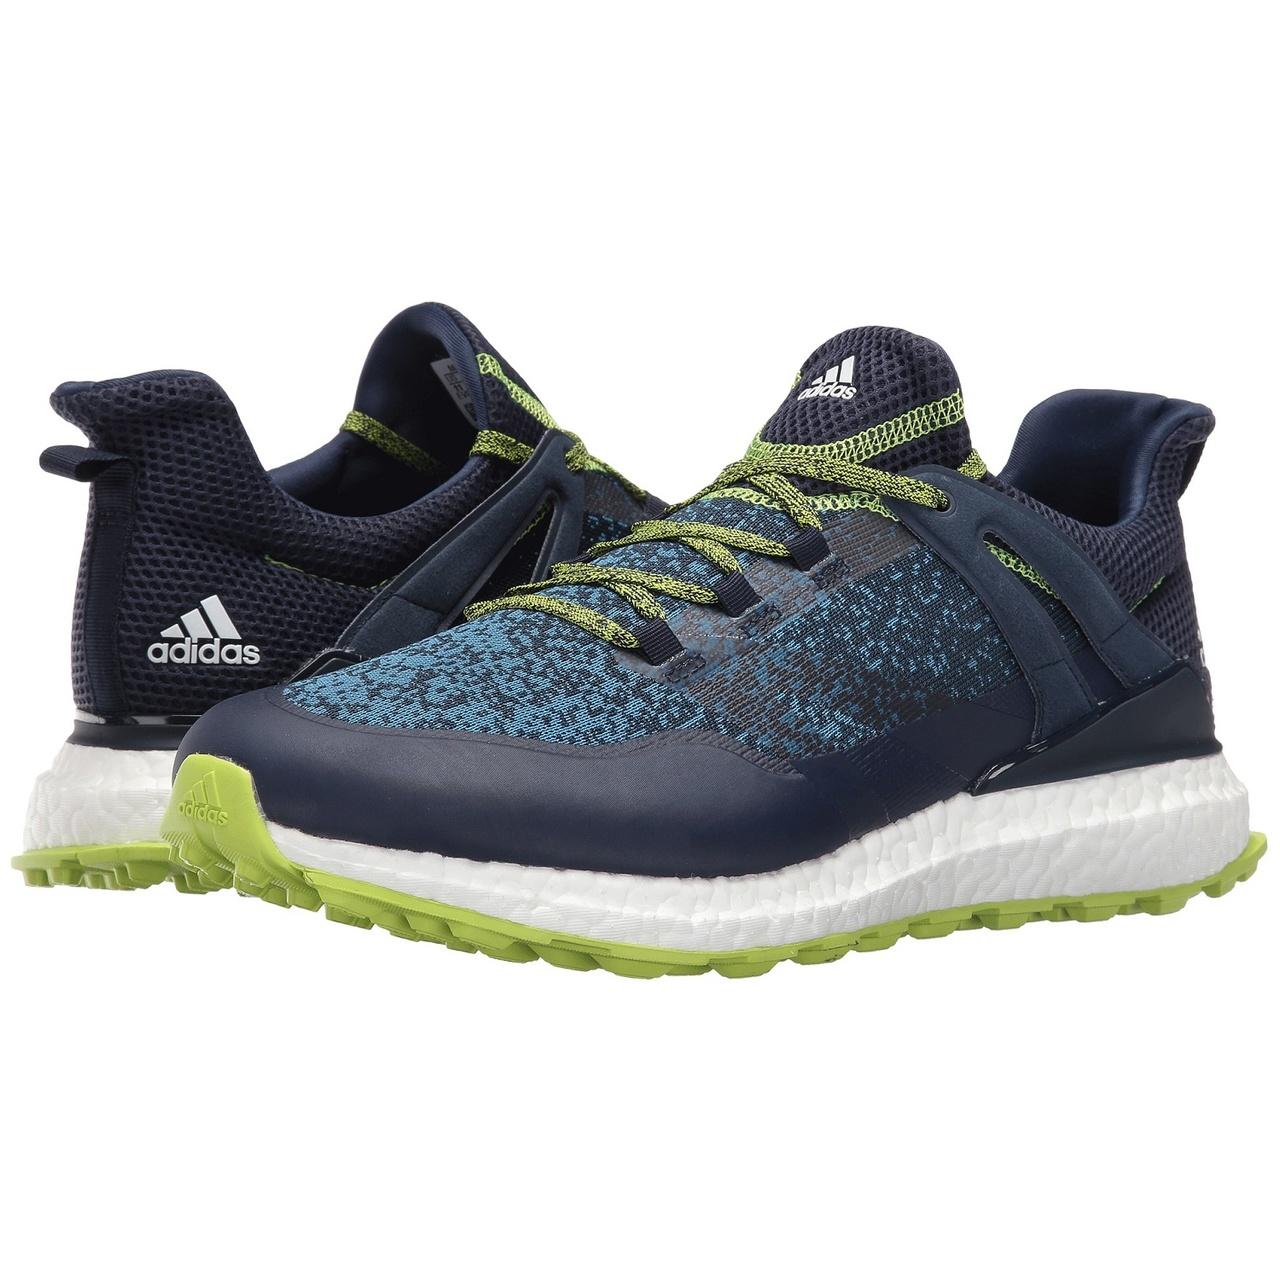 Adidas crossknit Boost hombres zapatos de golf sin tacos Collegiate Navy